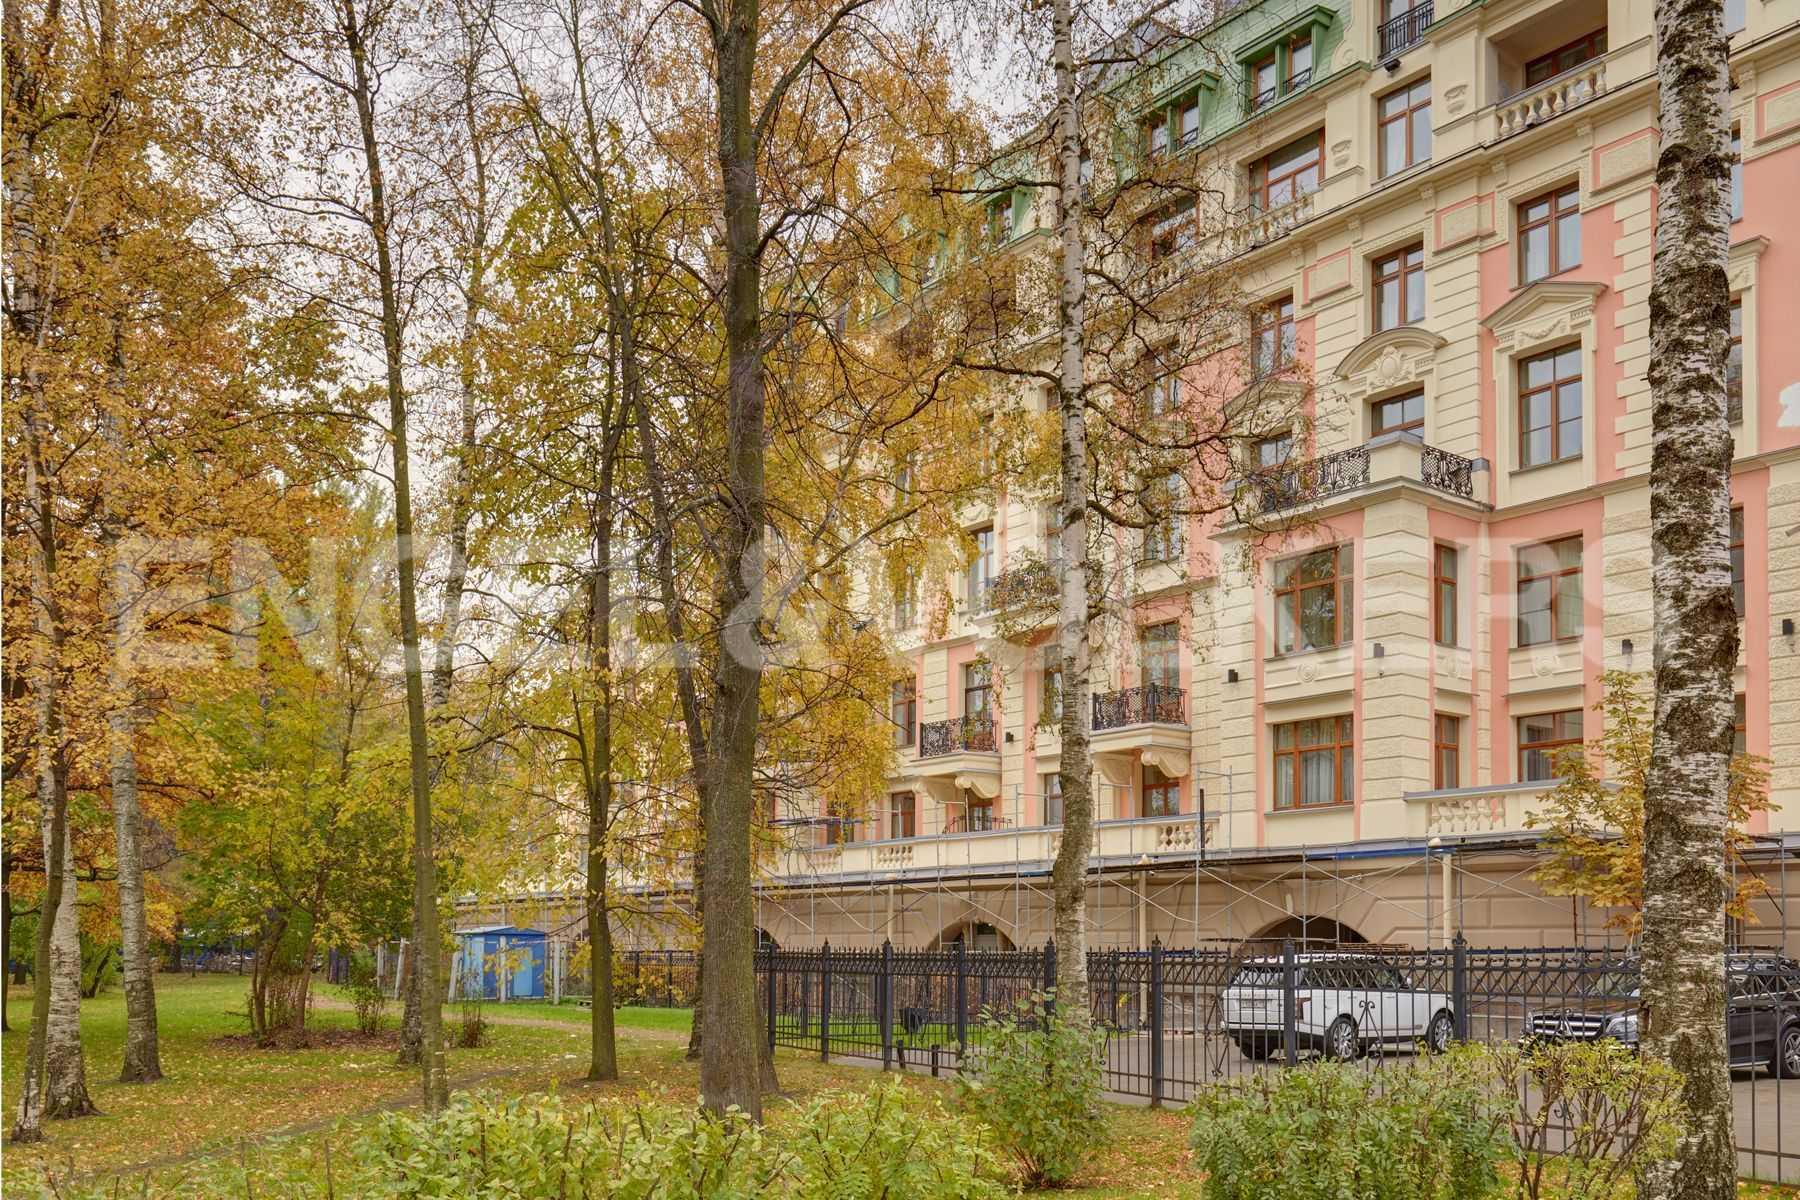 Элитные квартиры на . Санкт-Петербург, Динамо,12. Сквер под окнами